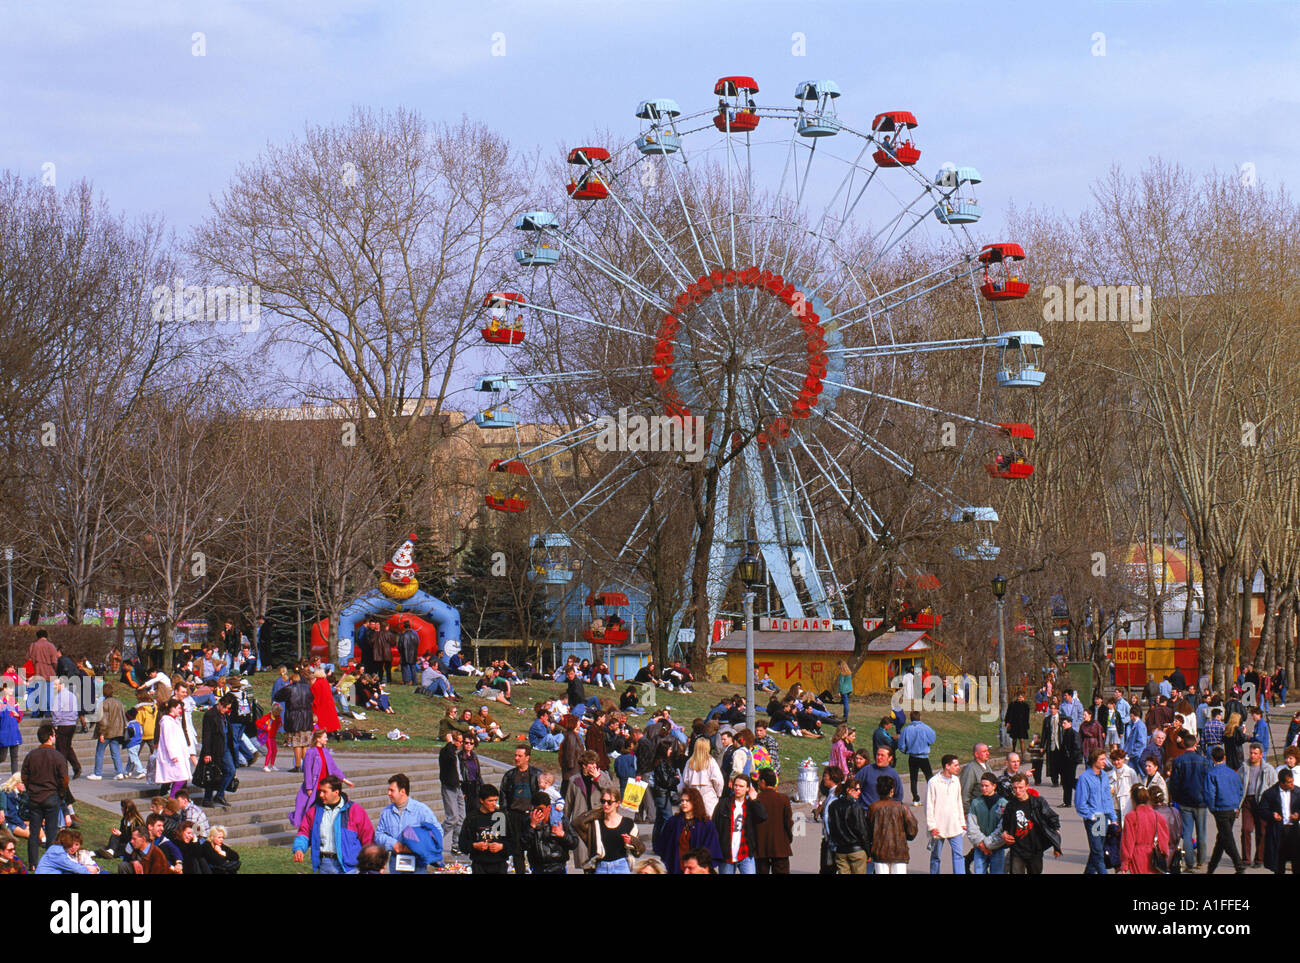 La folla in un luna park con una grande ruota durante la Giornata della Terra Festival di Gorky Park di Mosca Russia G Hellier Immagini Stock